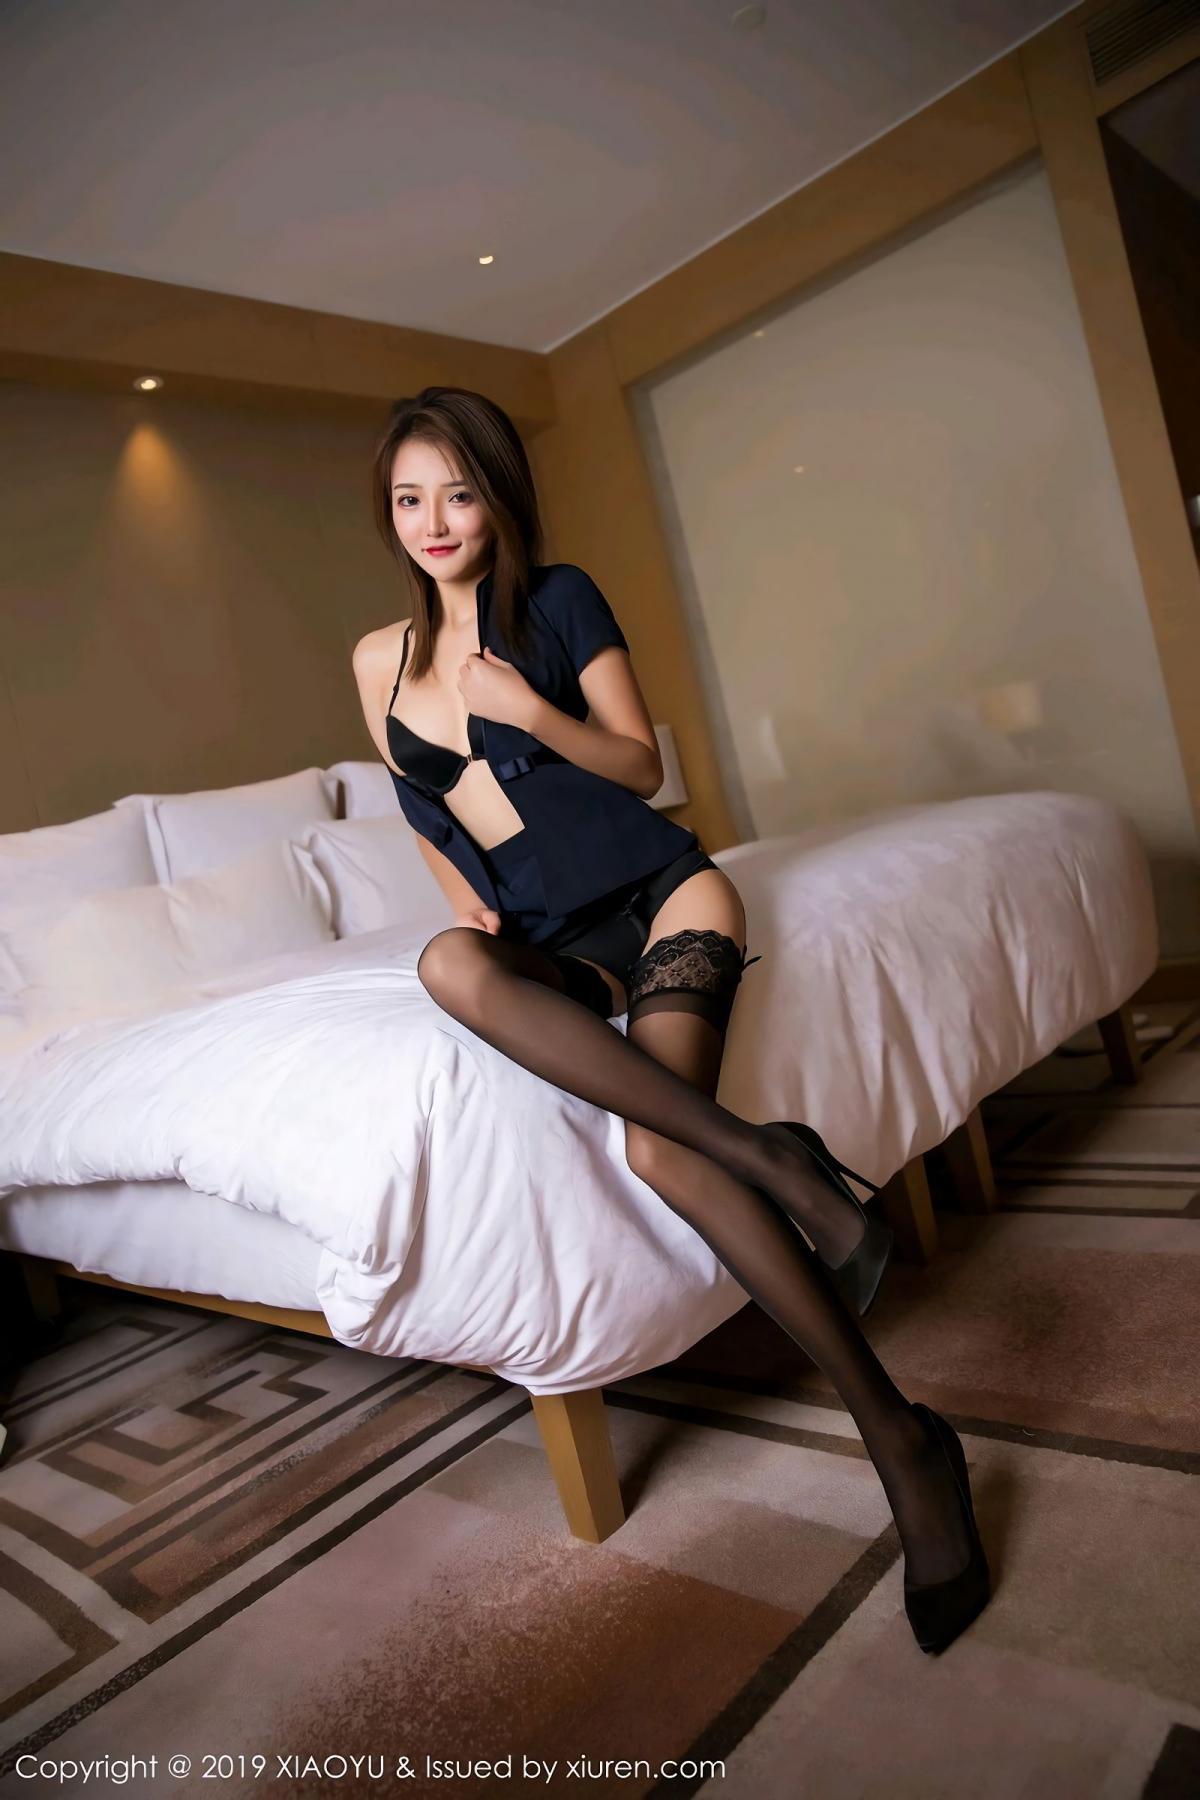 [XiaoYu] Vol.037 Miko Jiang 29P, Miko Jiang, Slim, Tall, Underwear, XiaoYu